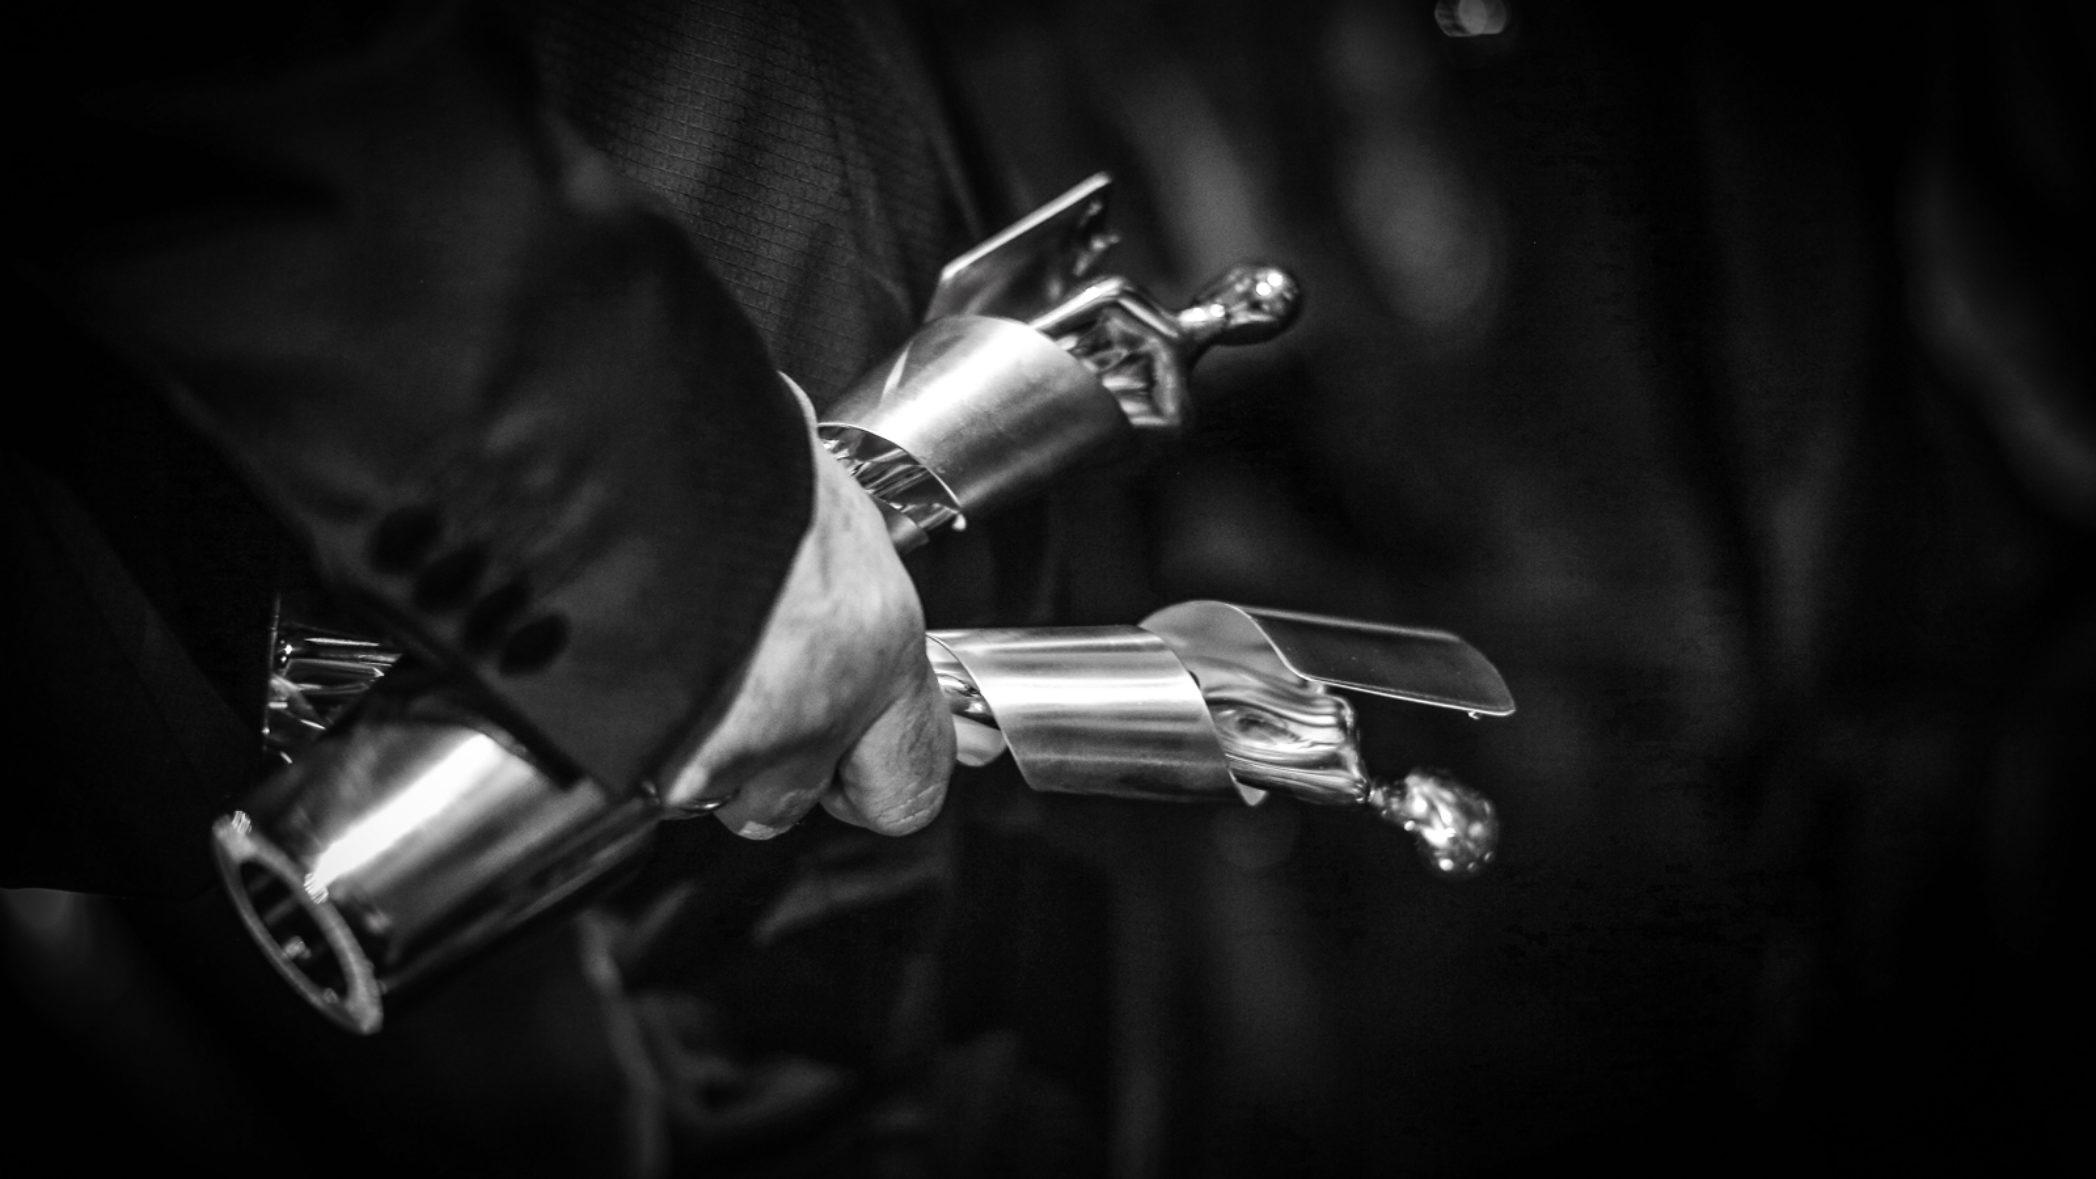 Feature / Lola / Atmosphäre bei der Verleihung der Lola - Deutscher Filmpreis 2018 im Palais am Funkturm in Berlin Copyright: Eventpress Golejewski ( Deutsche Filmakademie e.V. ) Datum 27.04.2018